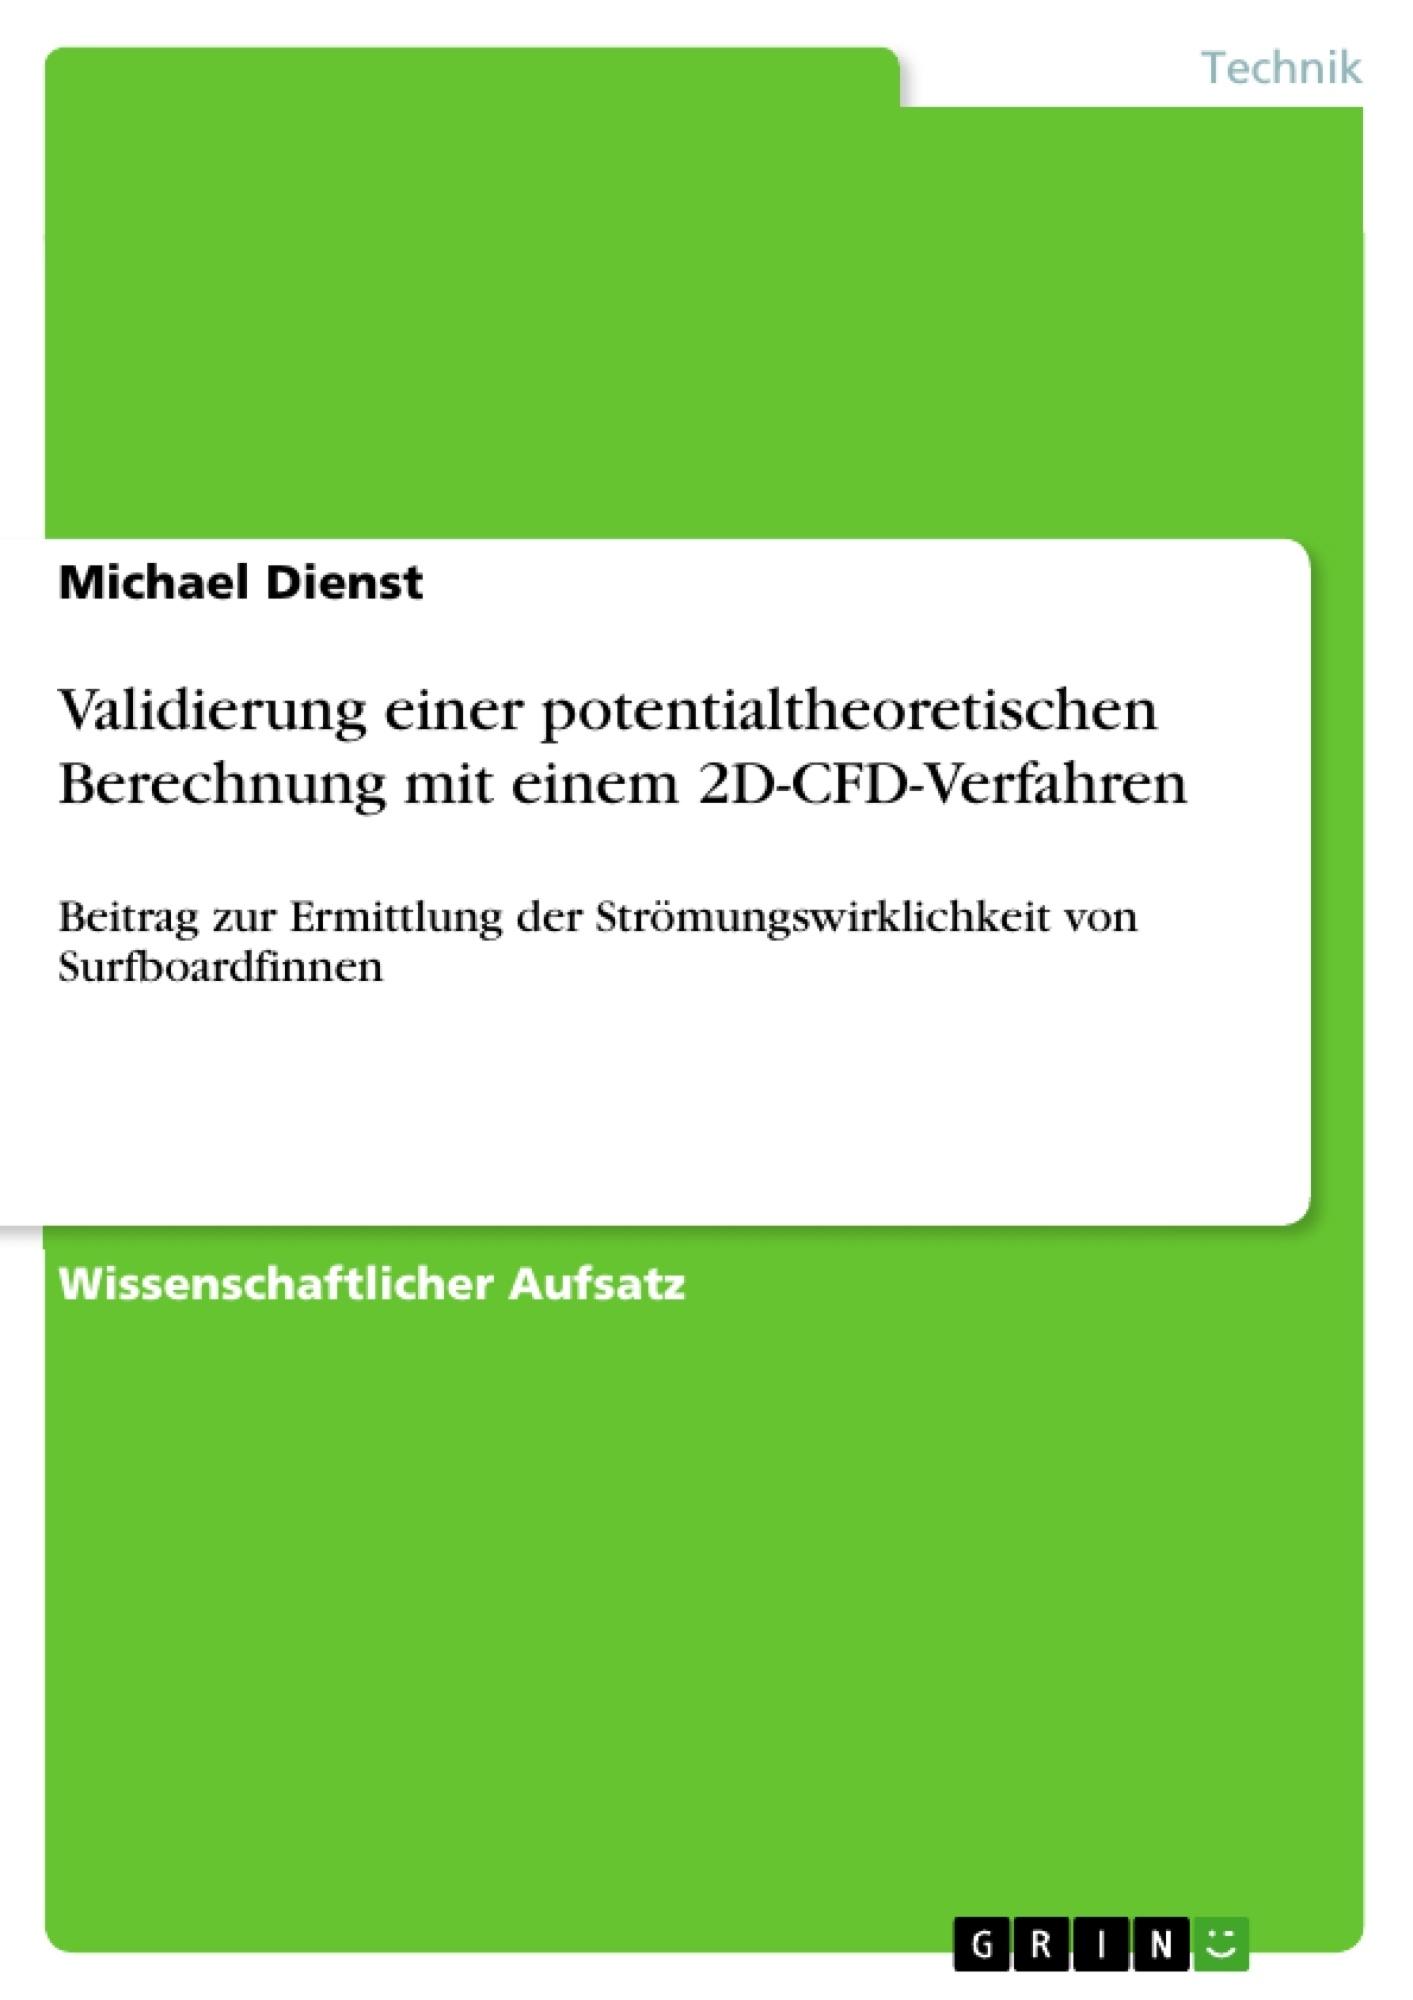 Titel: Validierung einer potentialtheoretischen Berechnung mit einem 2D-CFD-Verfahren